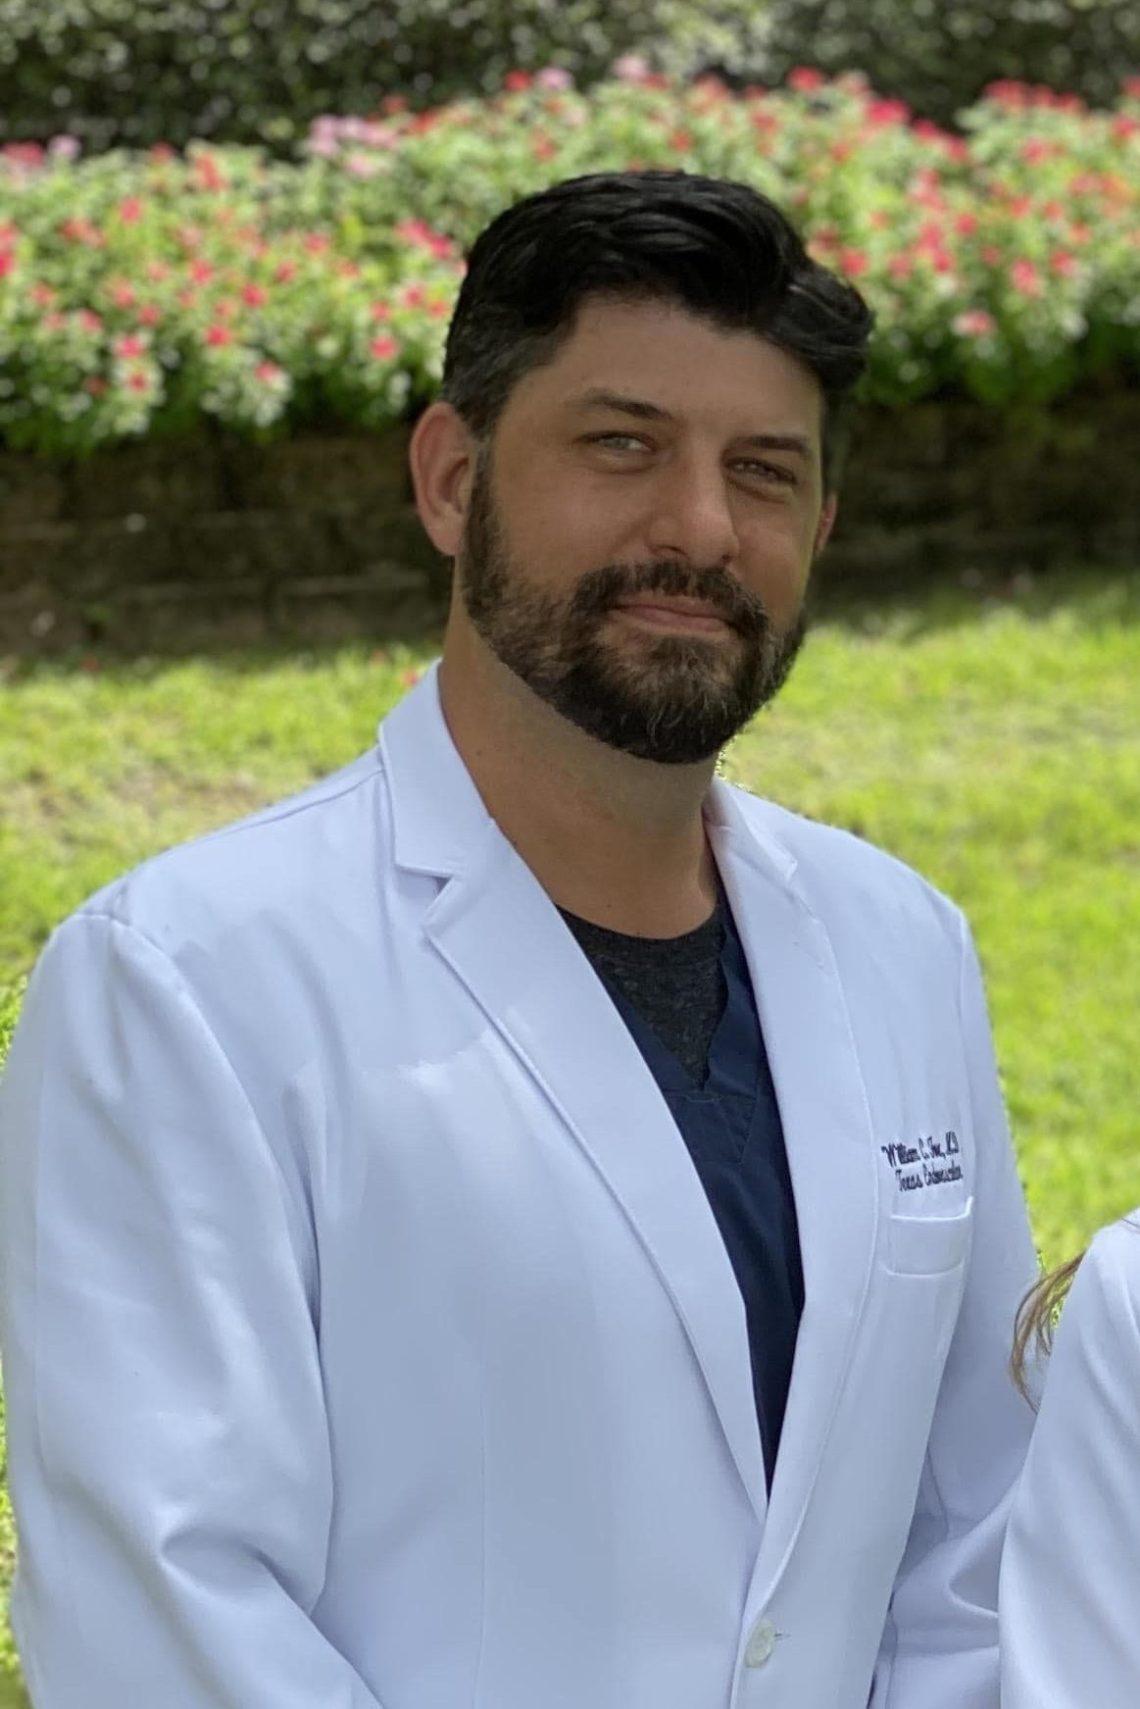 Dr William Fox